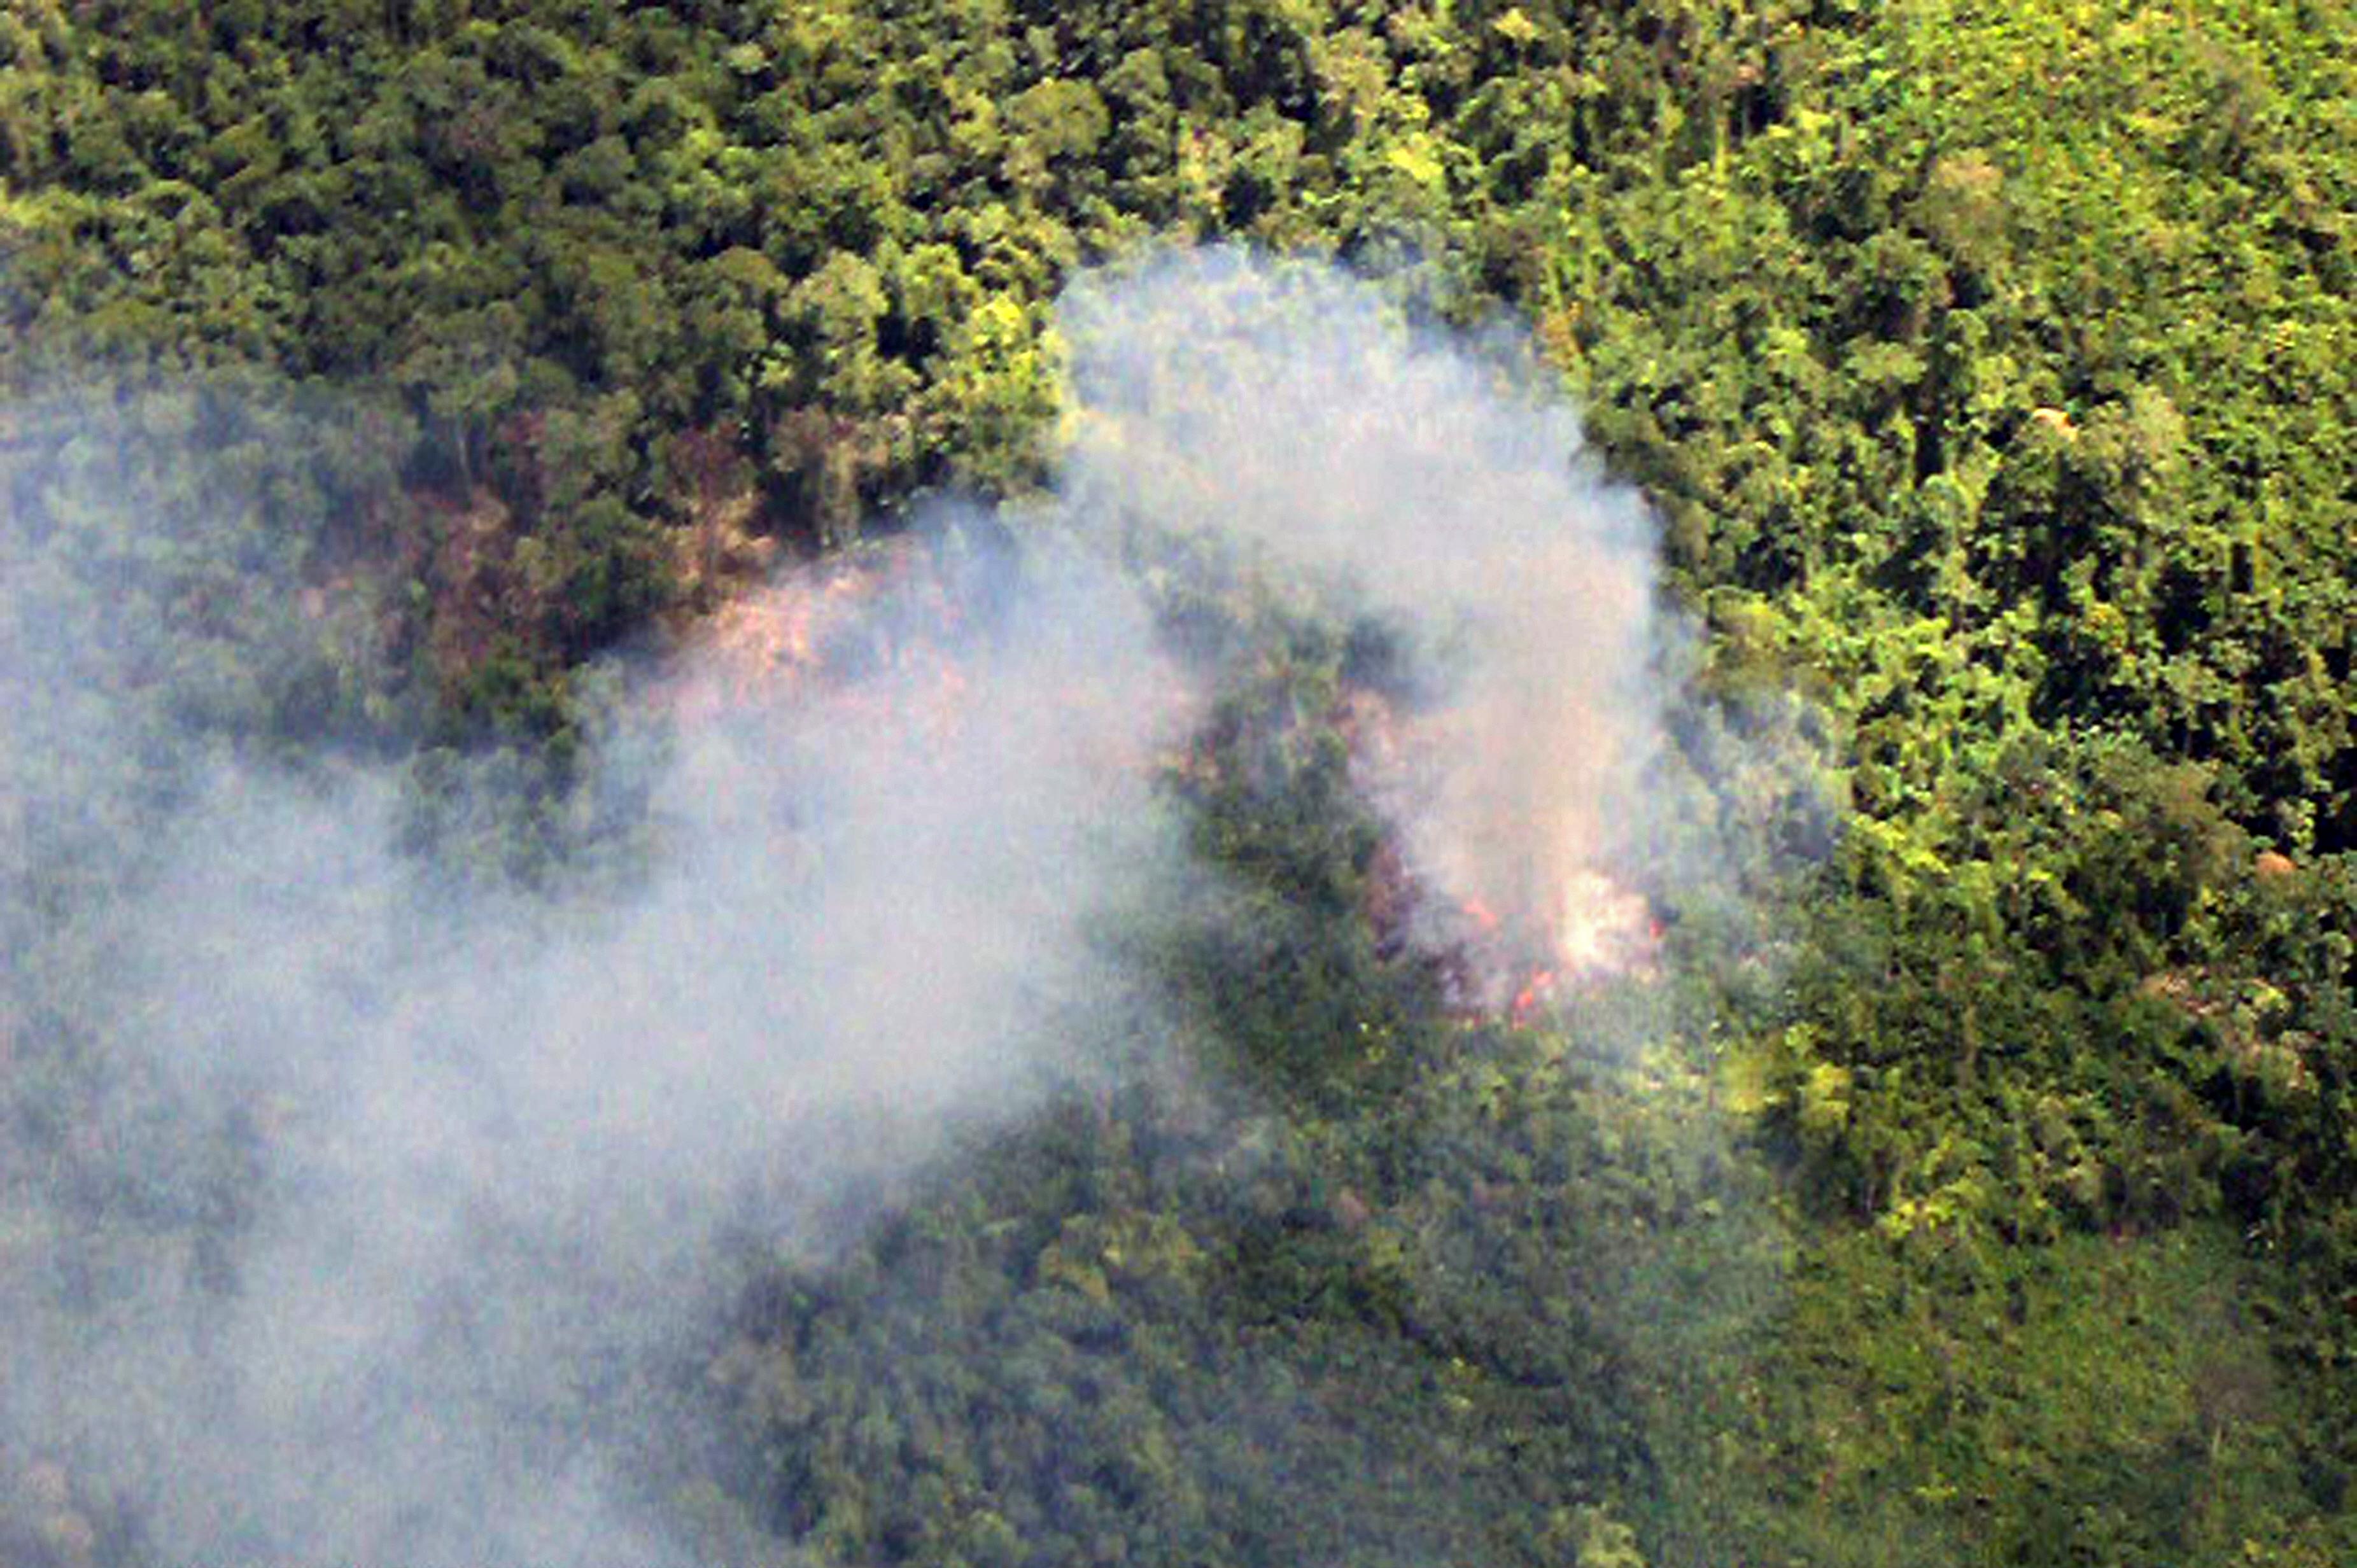 Fegyveresek támadtak az őslakosokra Nicaraguában, hogy elvegyék a földjeiket